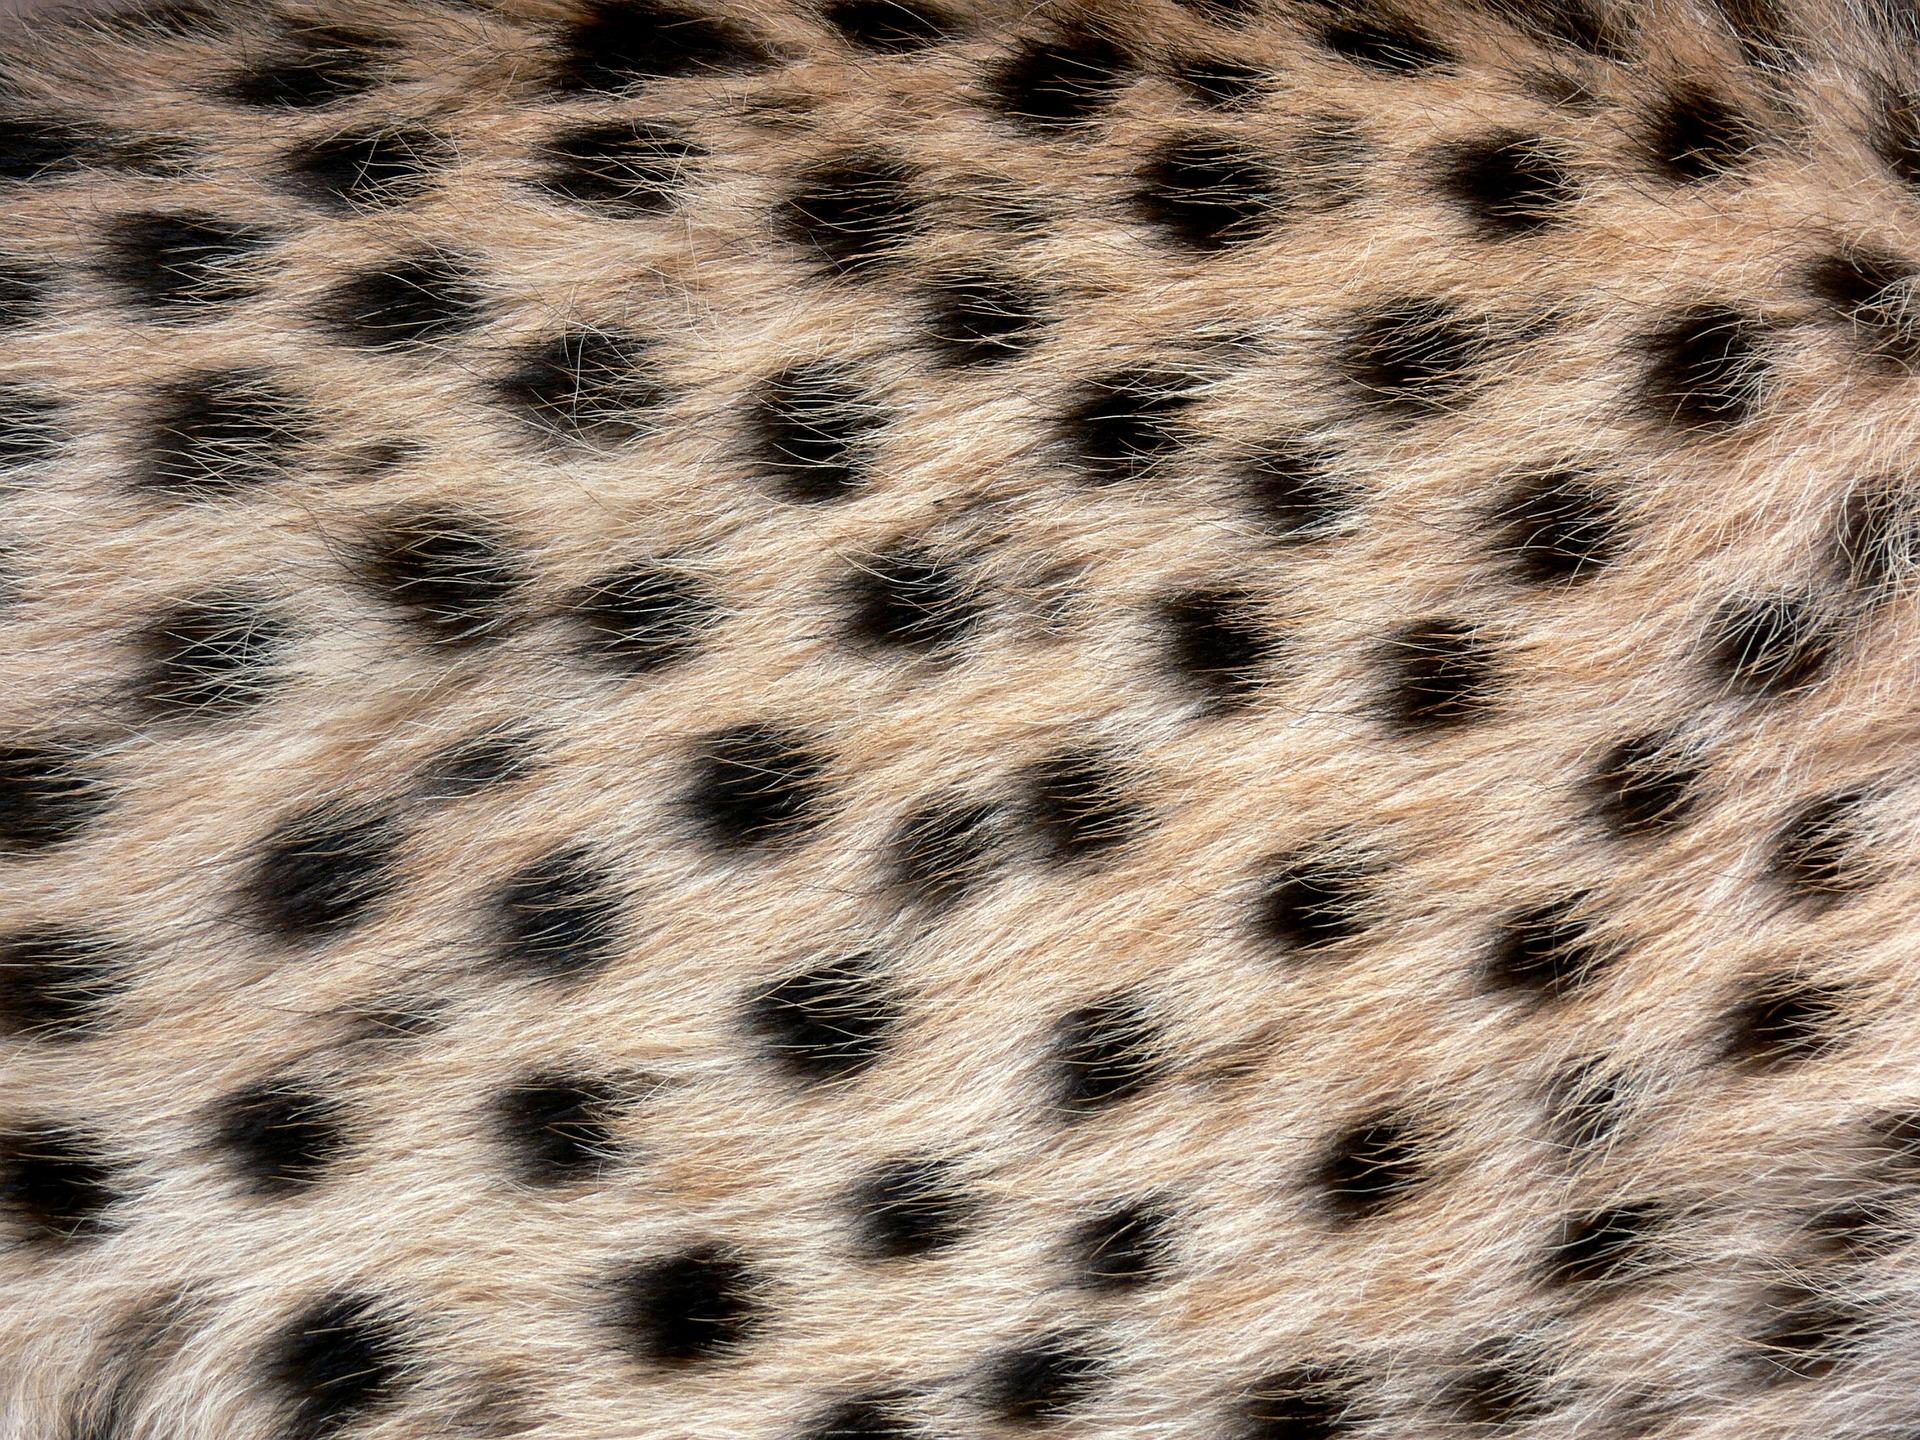 czyje to cętki, lampart, jaguar, gepard, jak rozpoznać cętki, wzór w panterkę, panterka, blog o dzikich zwierzętach, animalistka.pl, animalistka